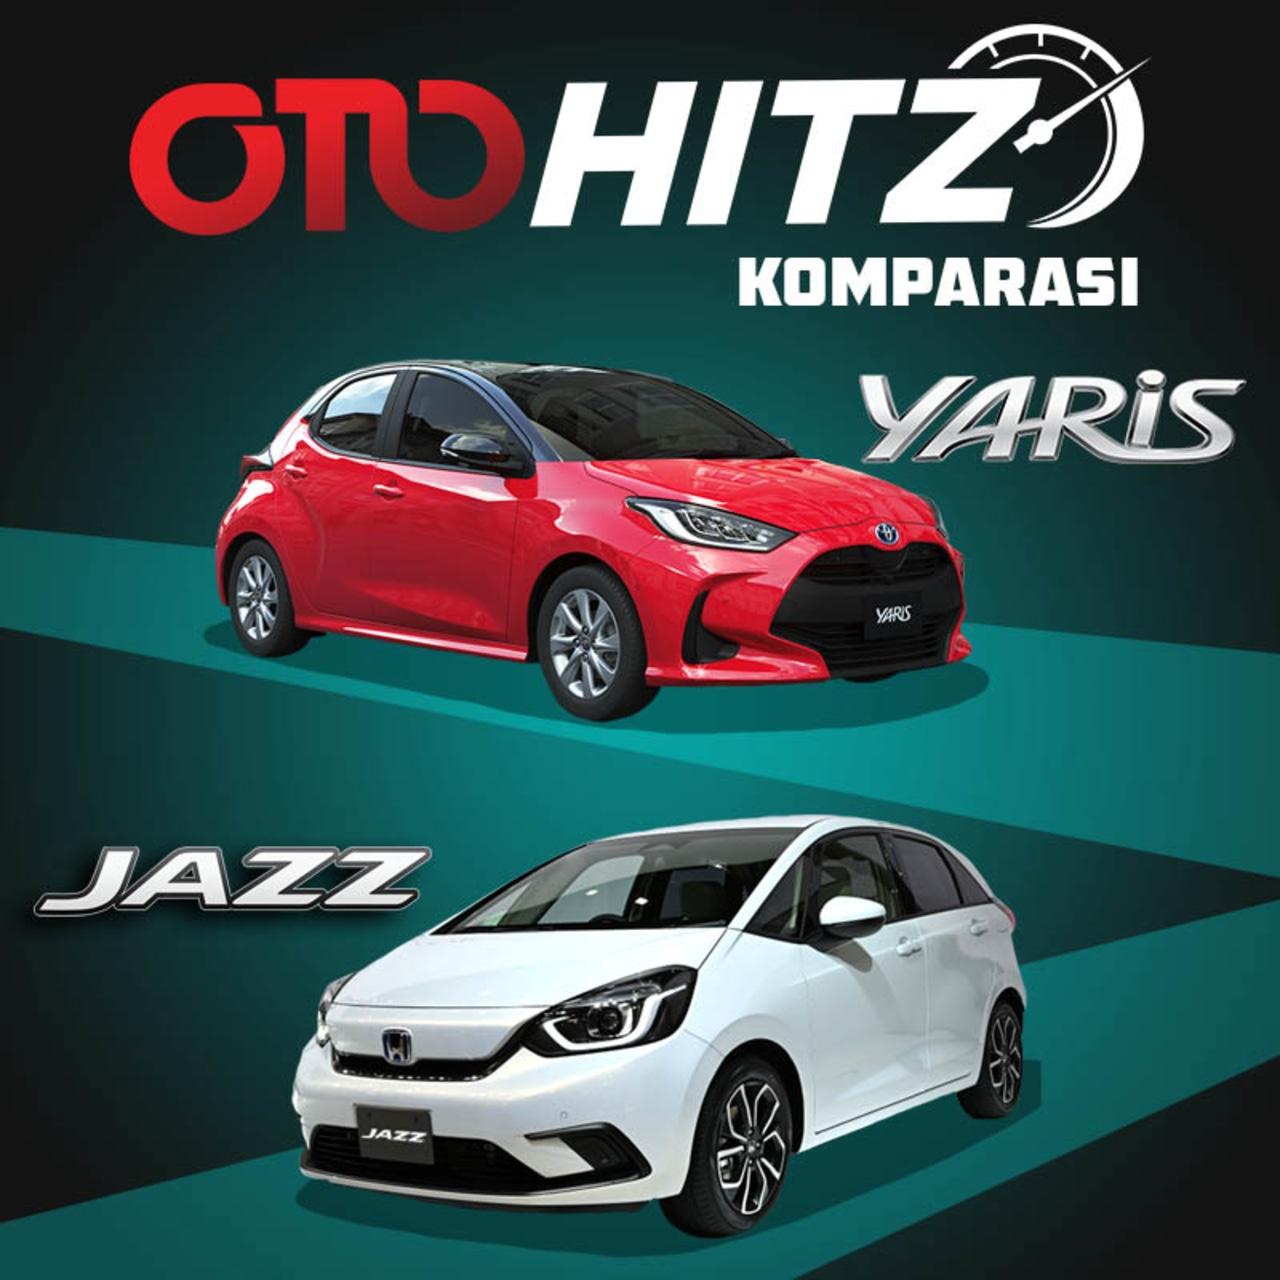 OTOHITZ Komparasi Yaris Vs Jazz Baru